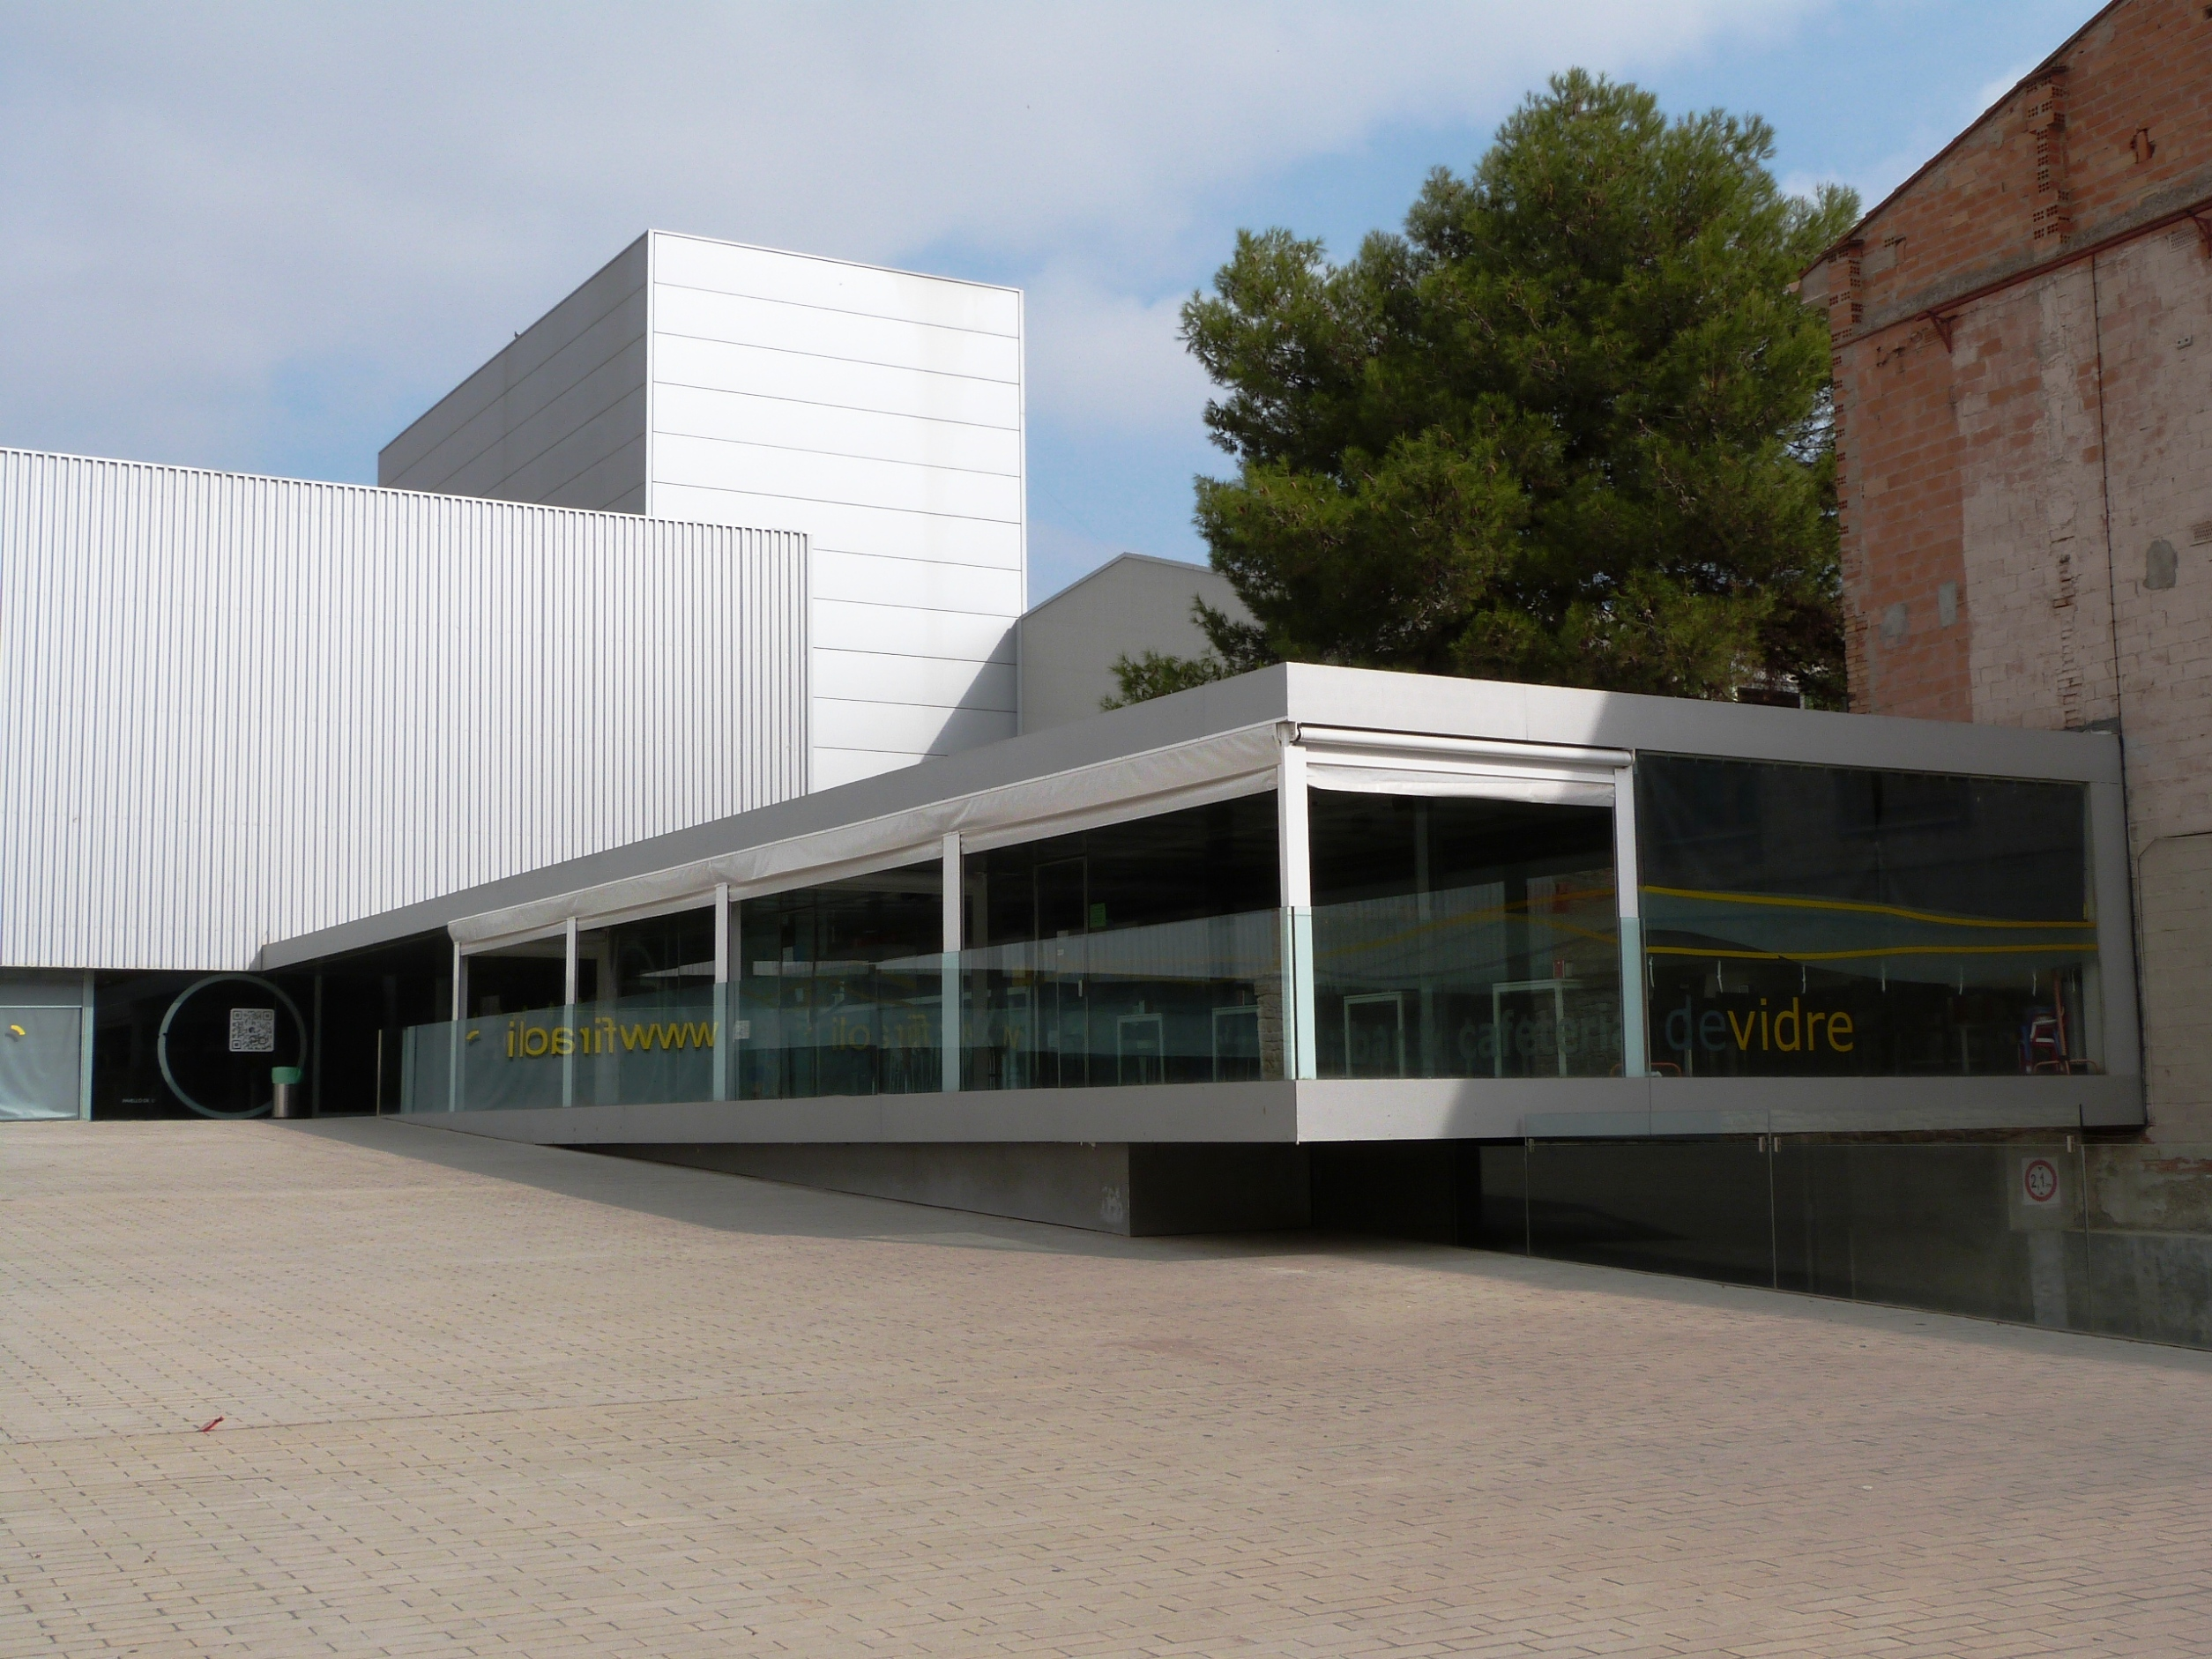 L'Ajuntament de les Borges treu a licitació la gestió del bar de Vidre del Pavelló de l'Oli